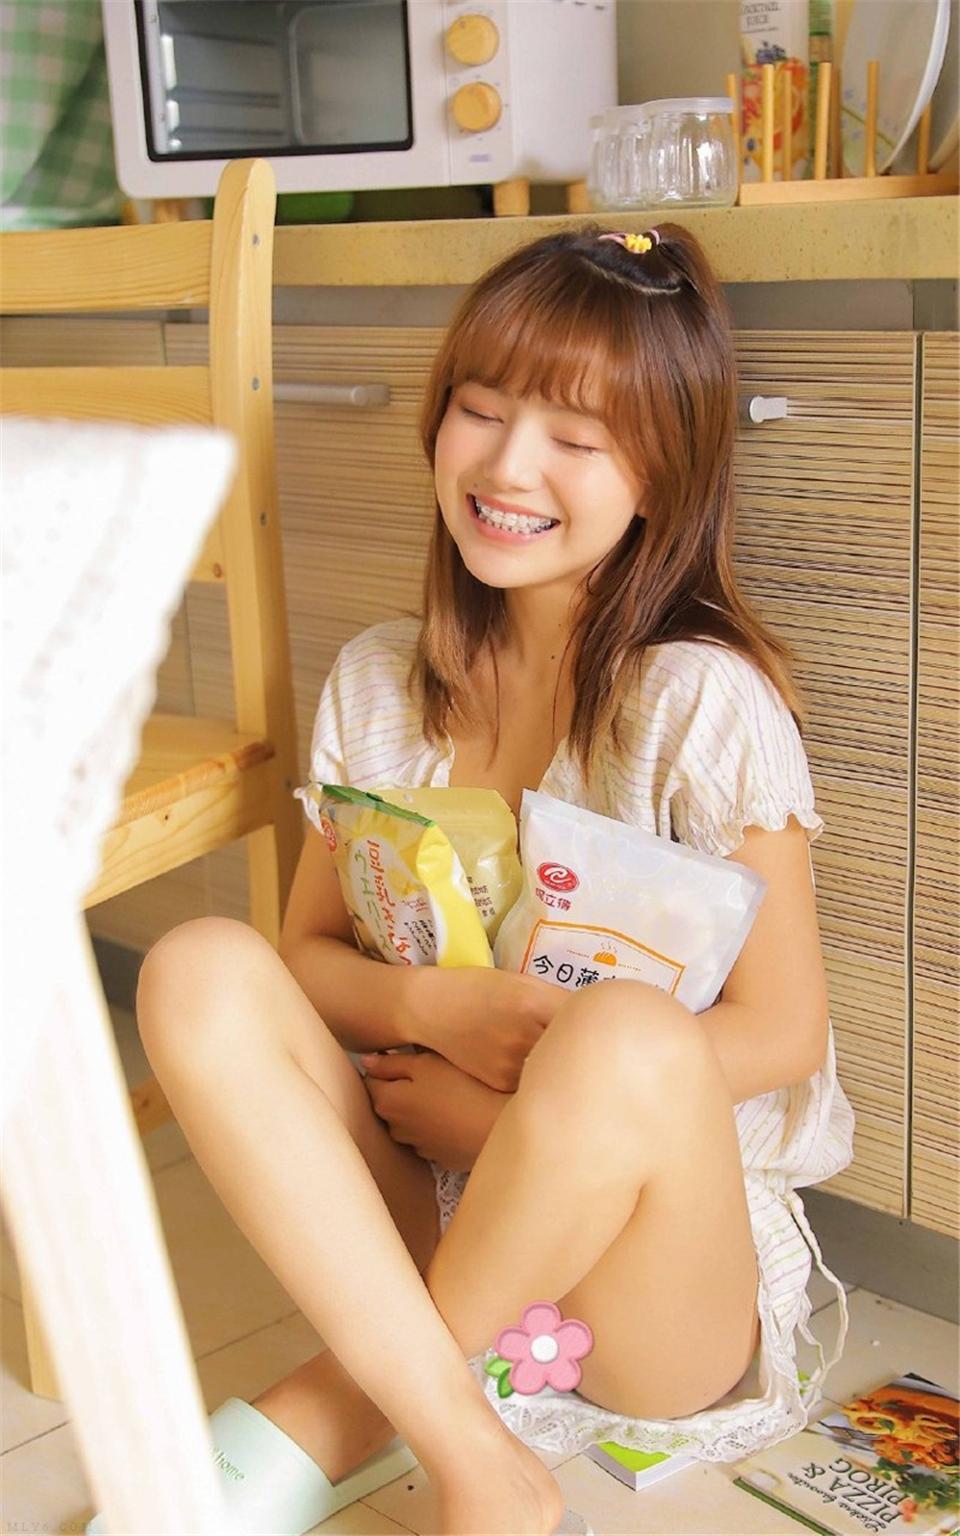 笑容甜美的女孩清纯漂亮艺术照